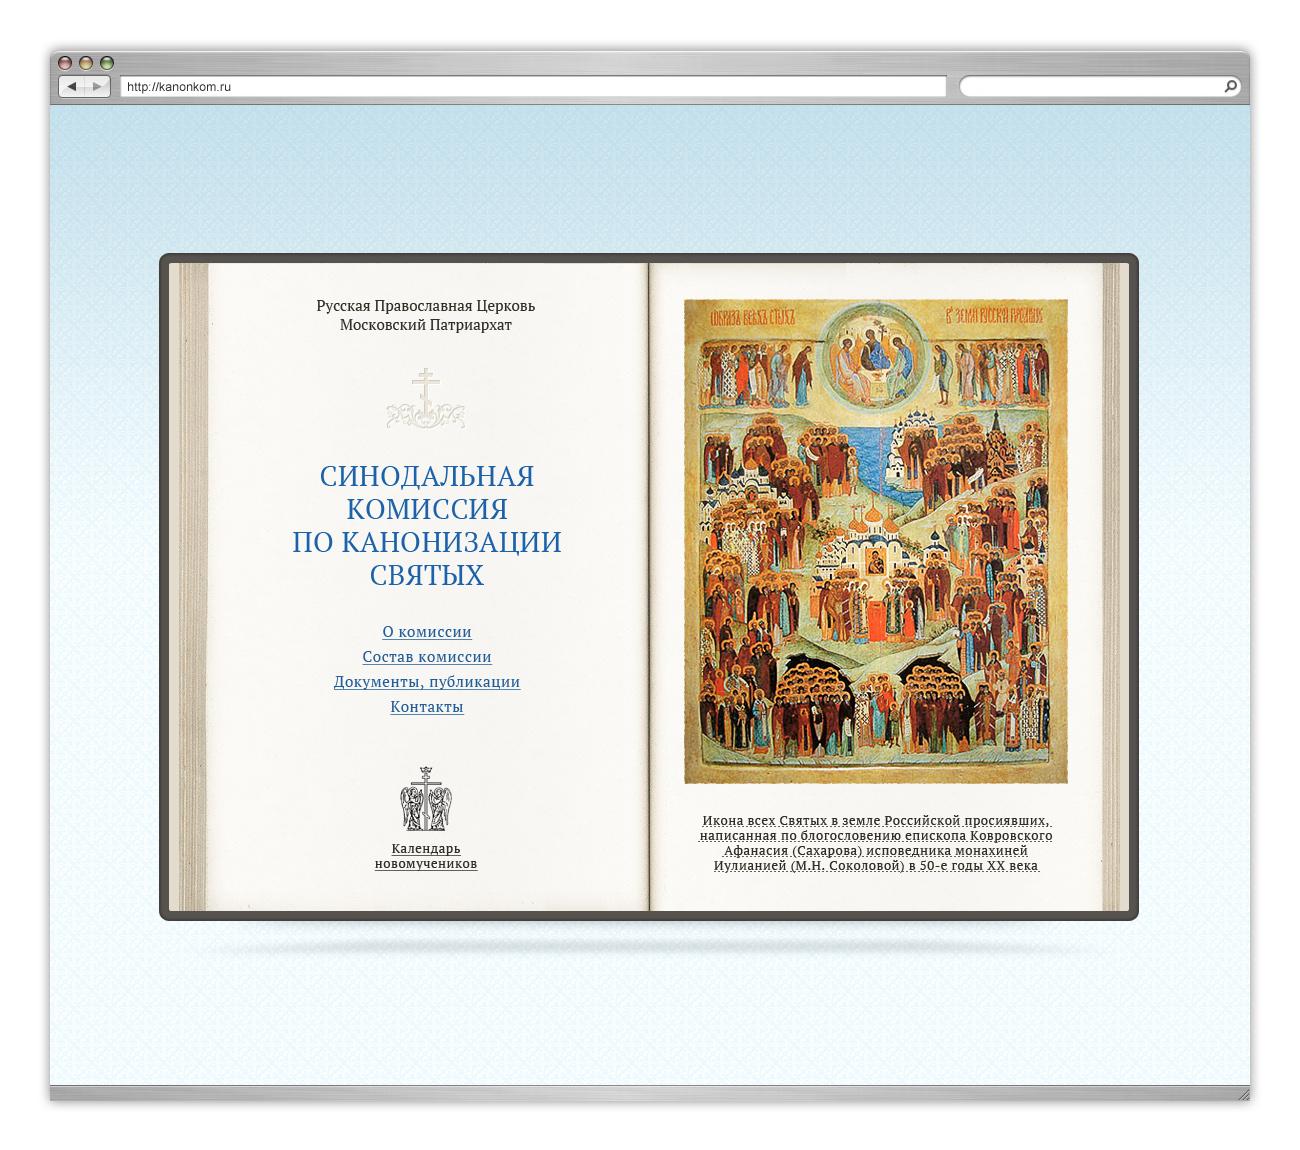 Сайт Синодальной коммисии по канонизации святых